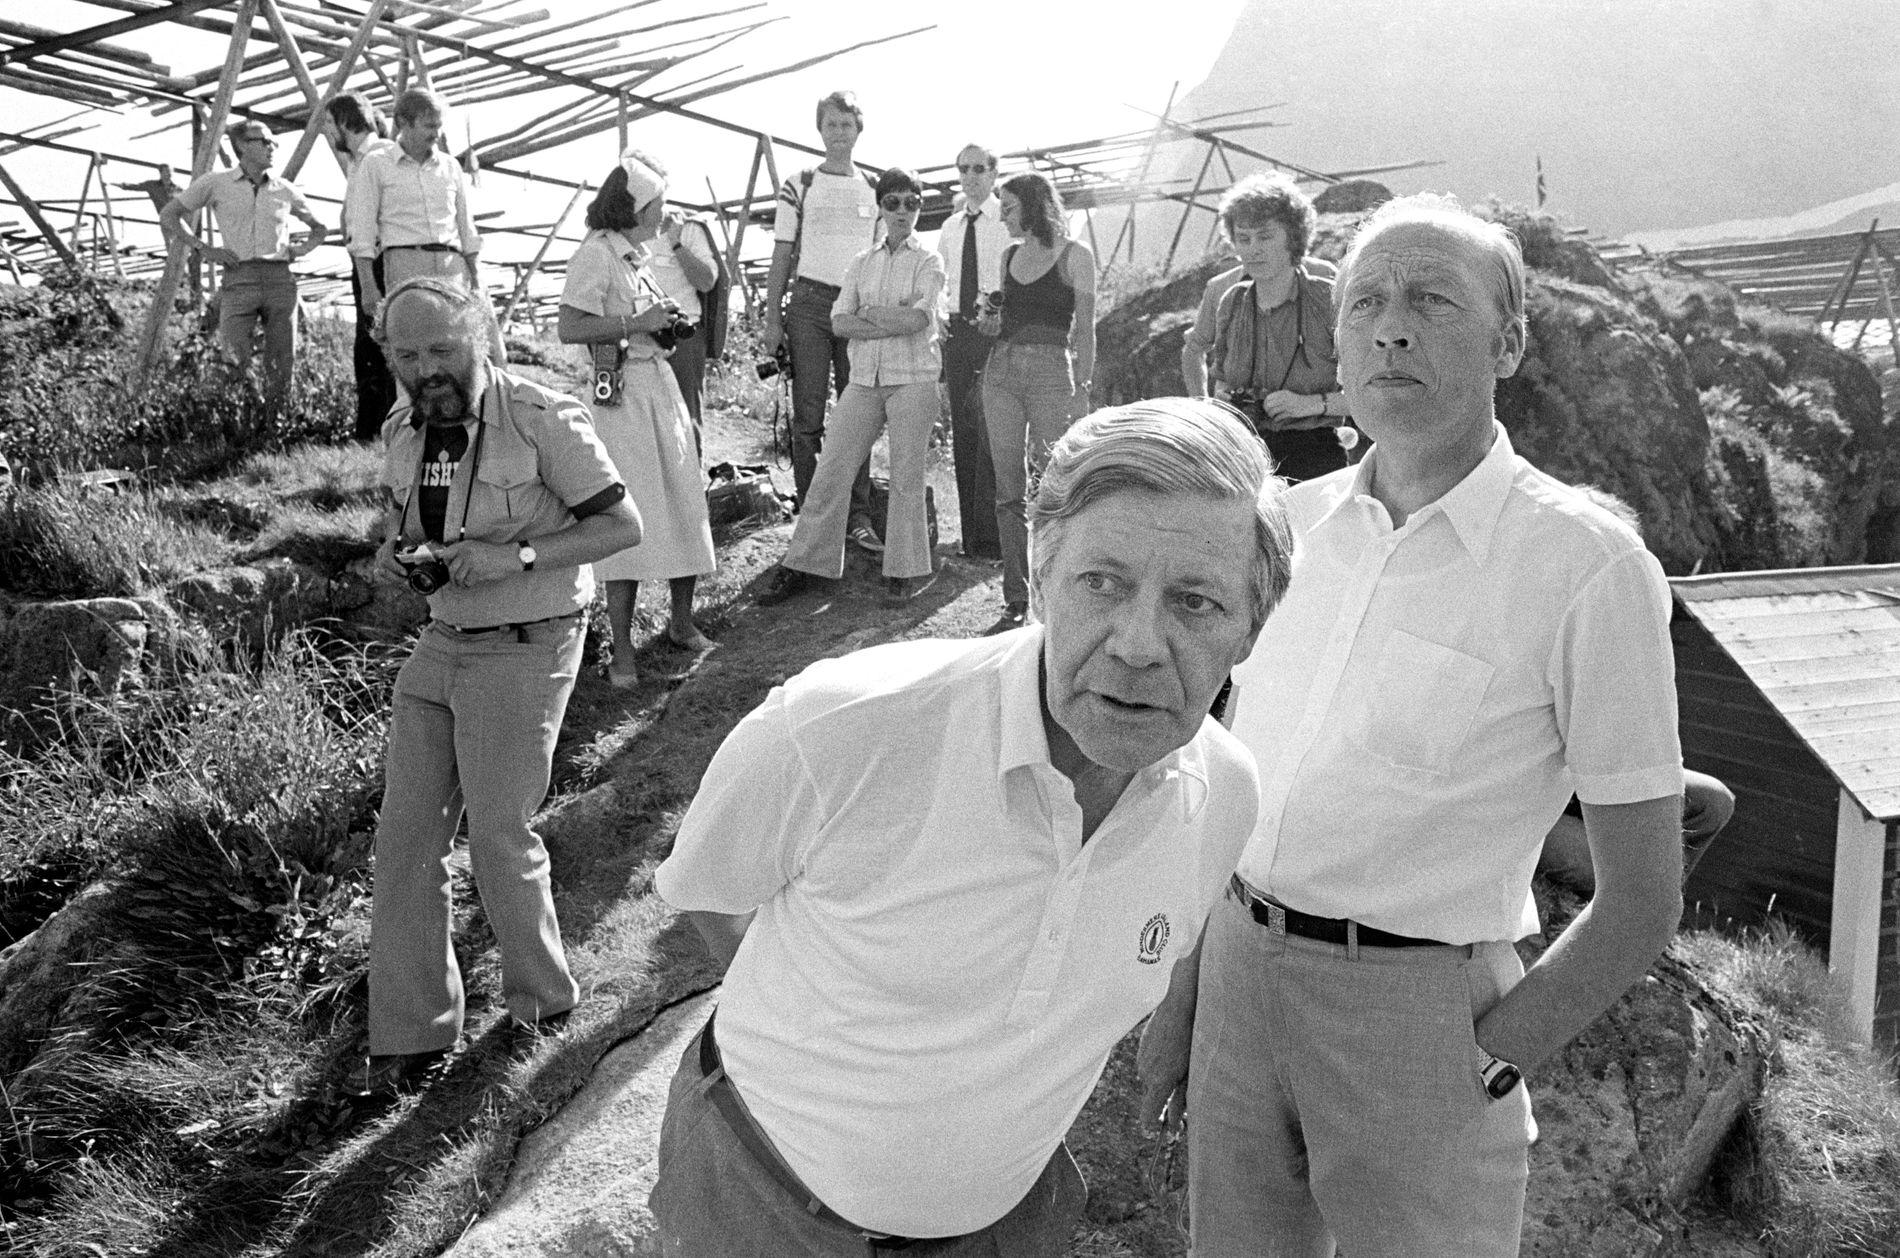 STORFINT BESØK: Forbundskansler Helmut Schmidt sammen med statsminister Odvar Nordli under et besøk i Lofoten i 1979.